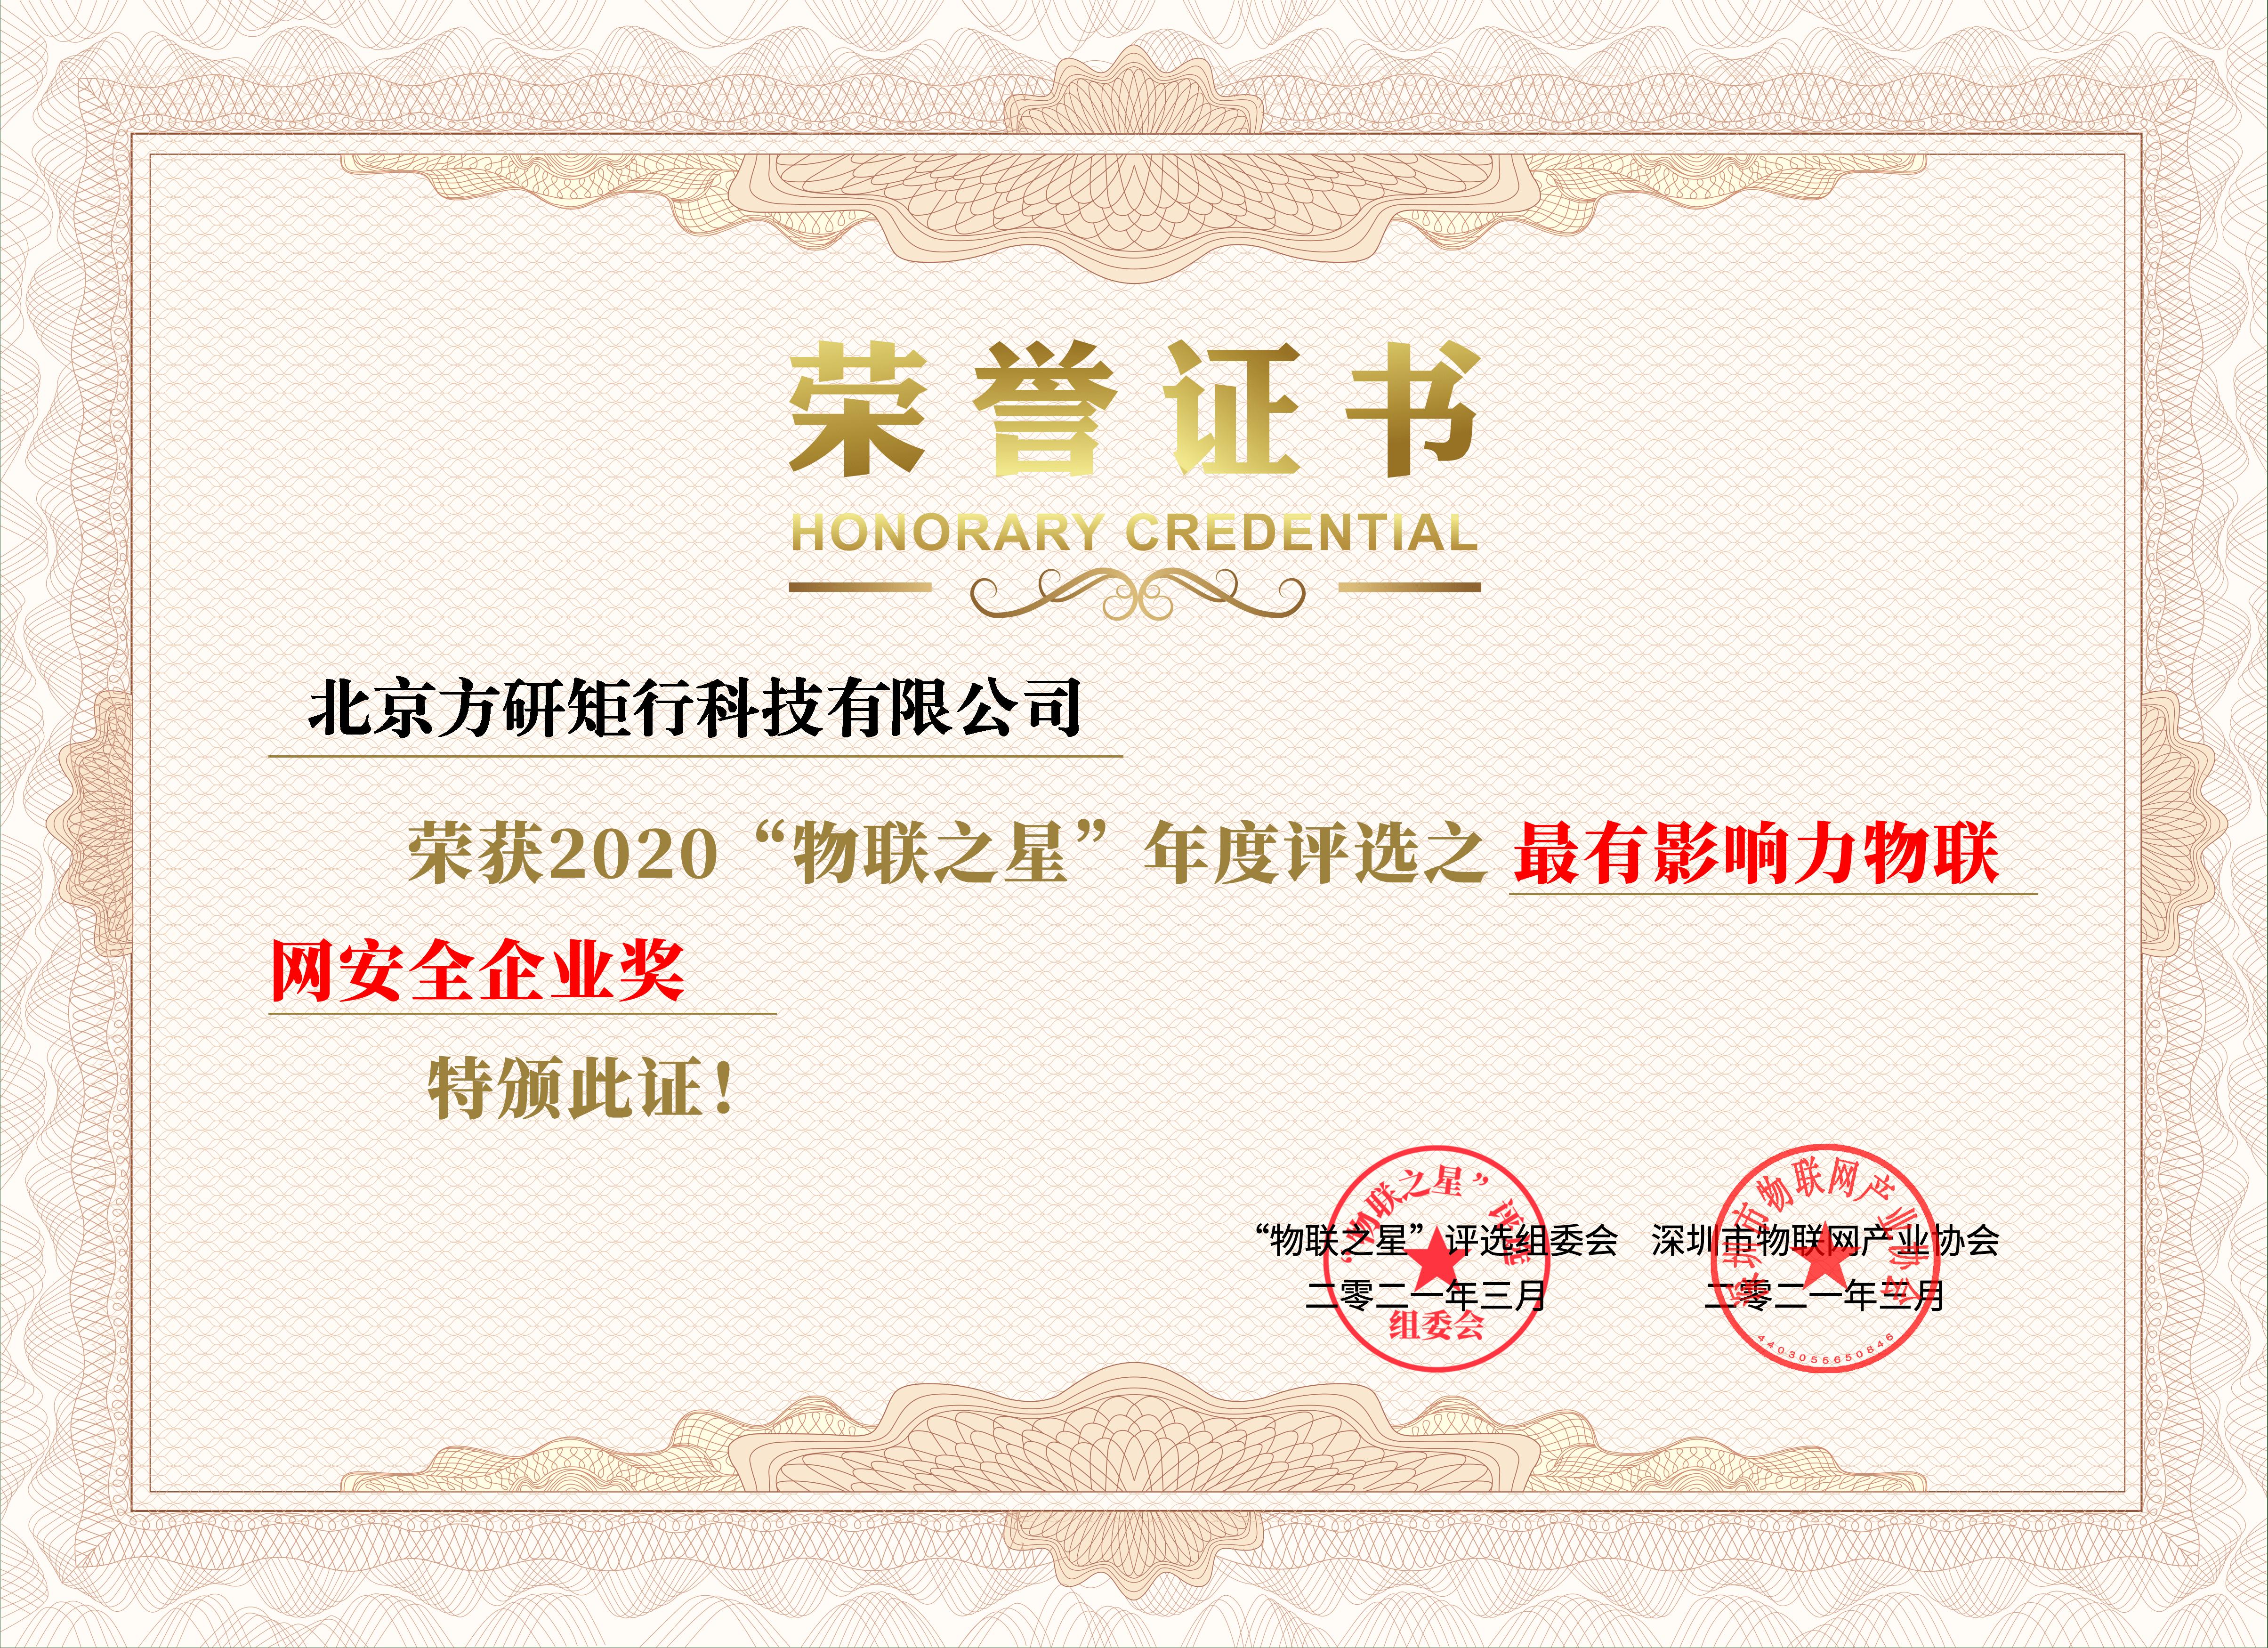 物联传媒承办的2020物联之星中国物联网行业年度评选获奖名单正式公布